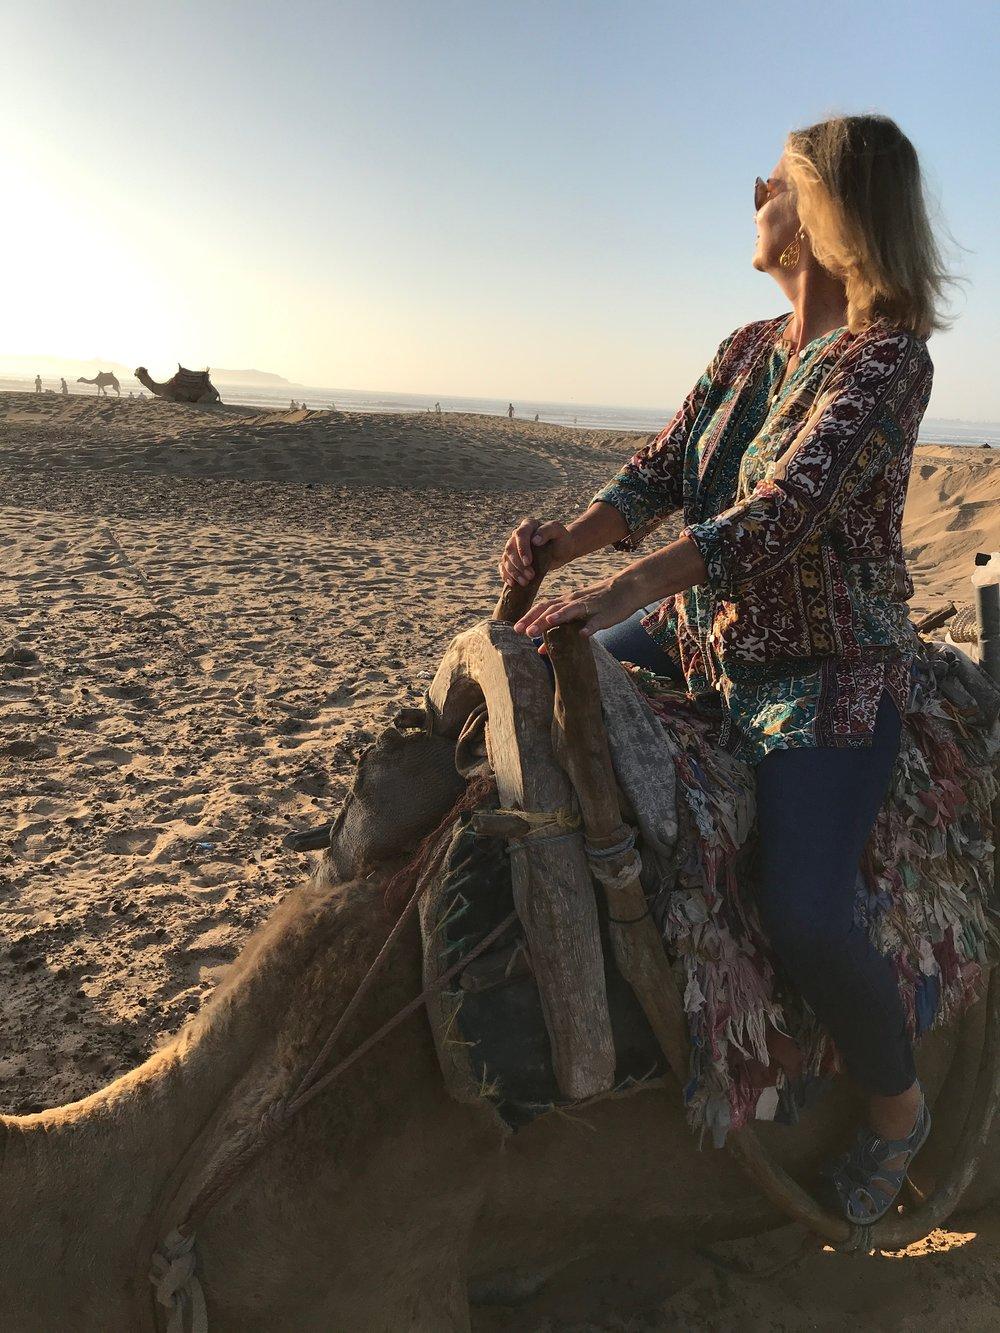 A sunset camel ride in Essaouira